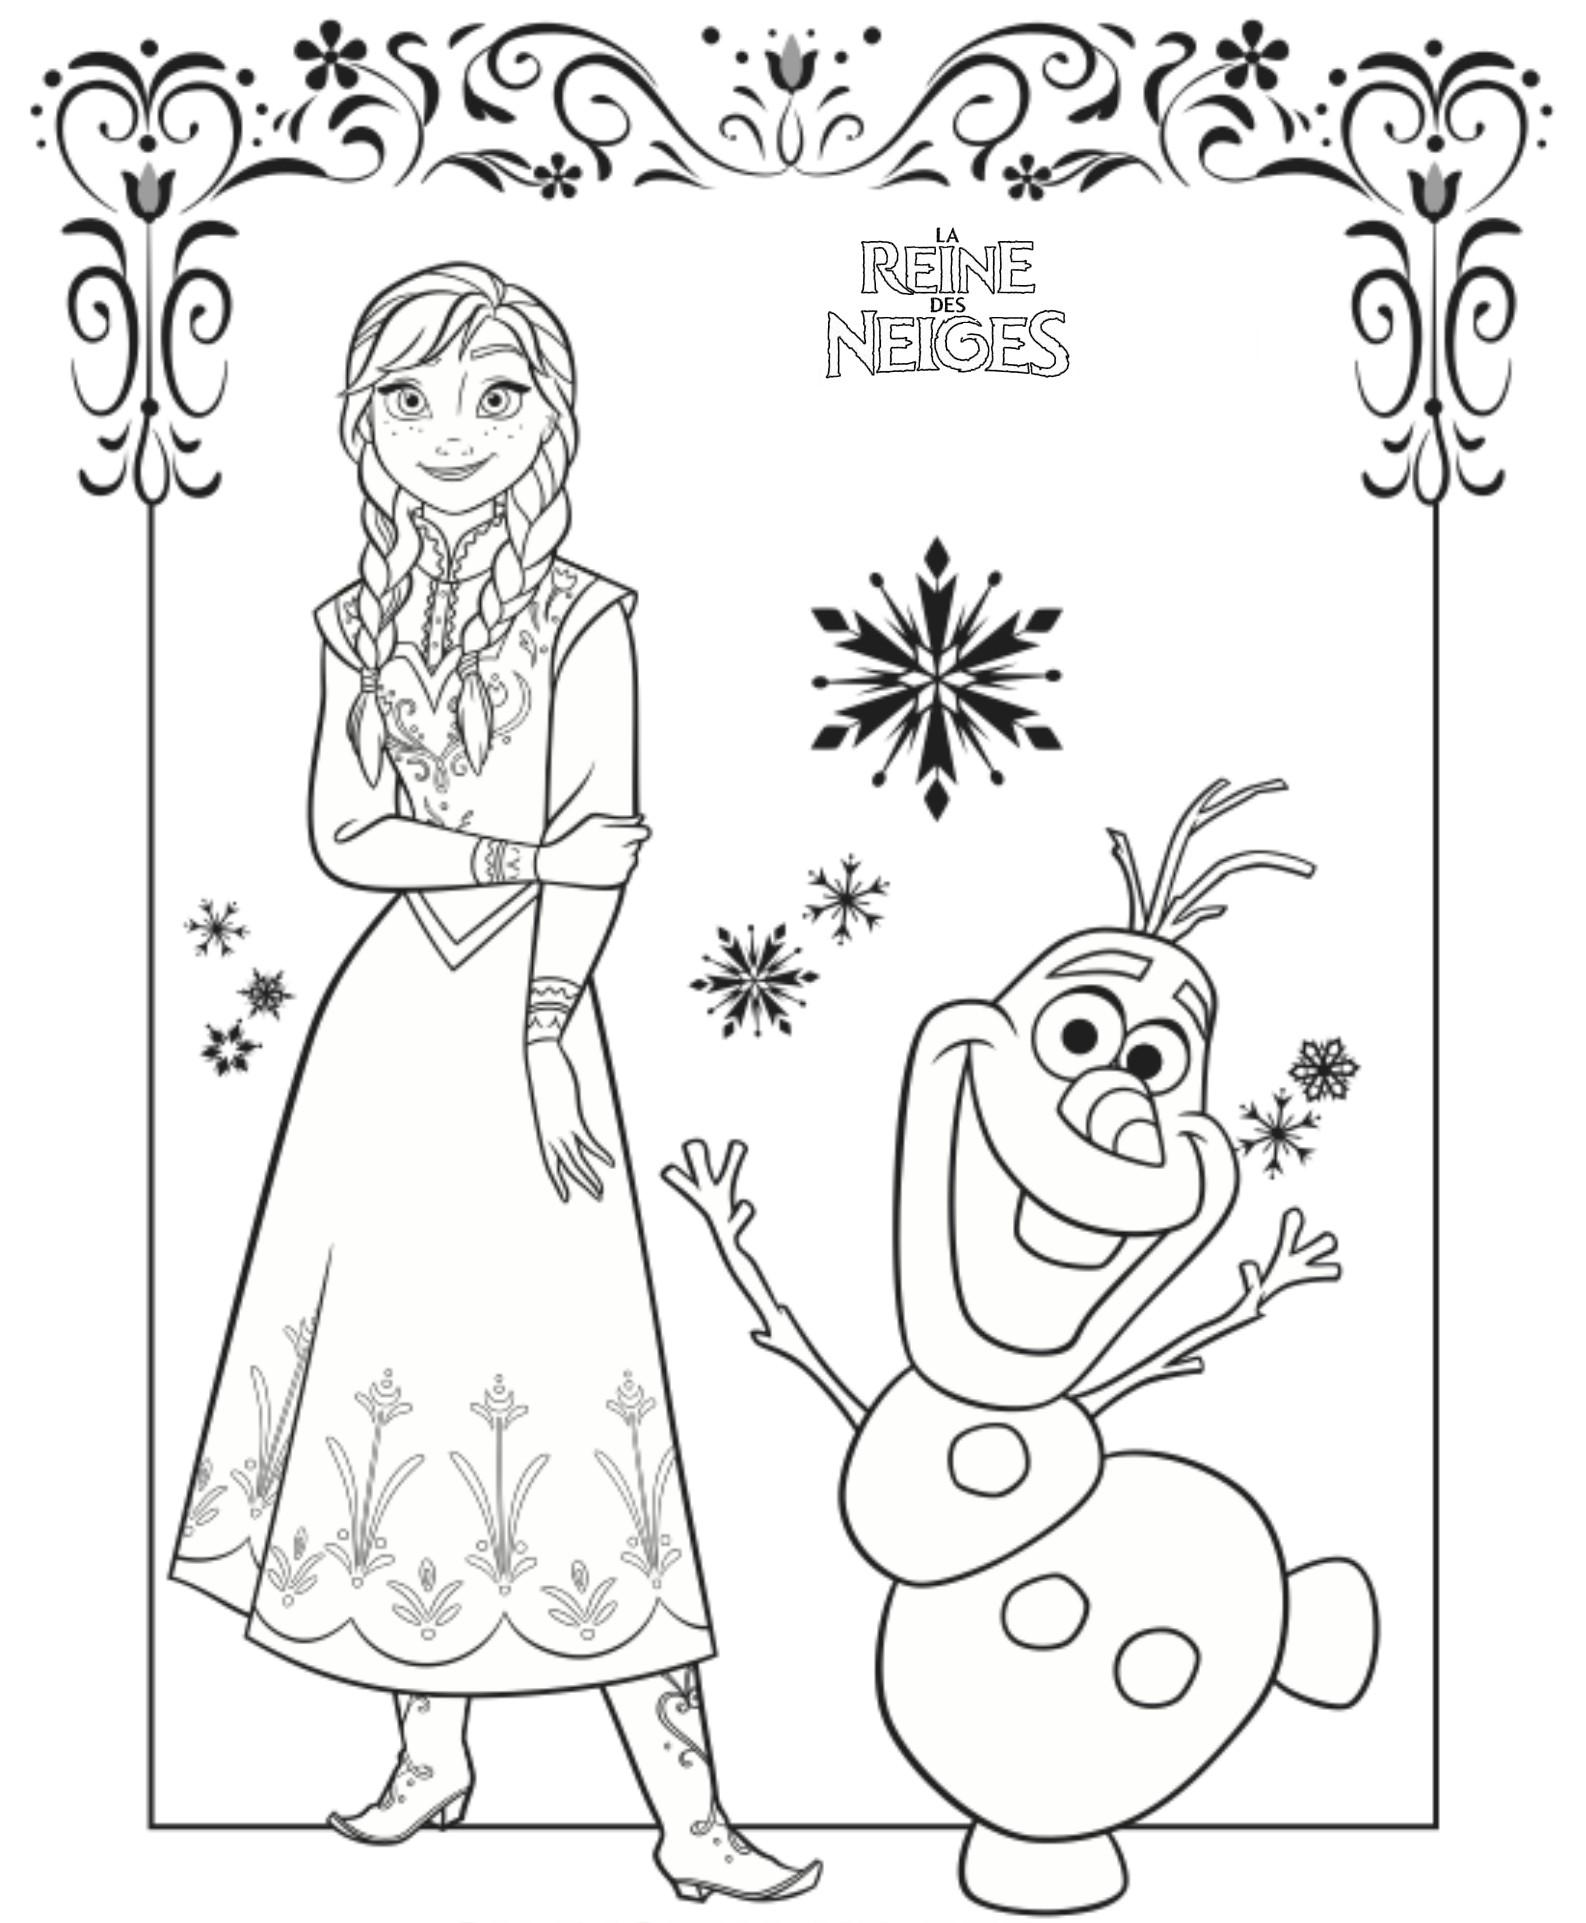 Coloriage a imprimer reine des neiges anna et olaf gratuit - Coloriage princesse des neiges ...